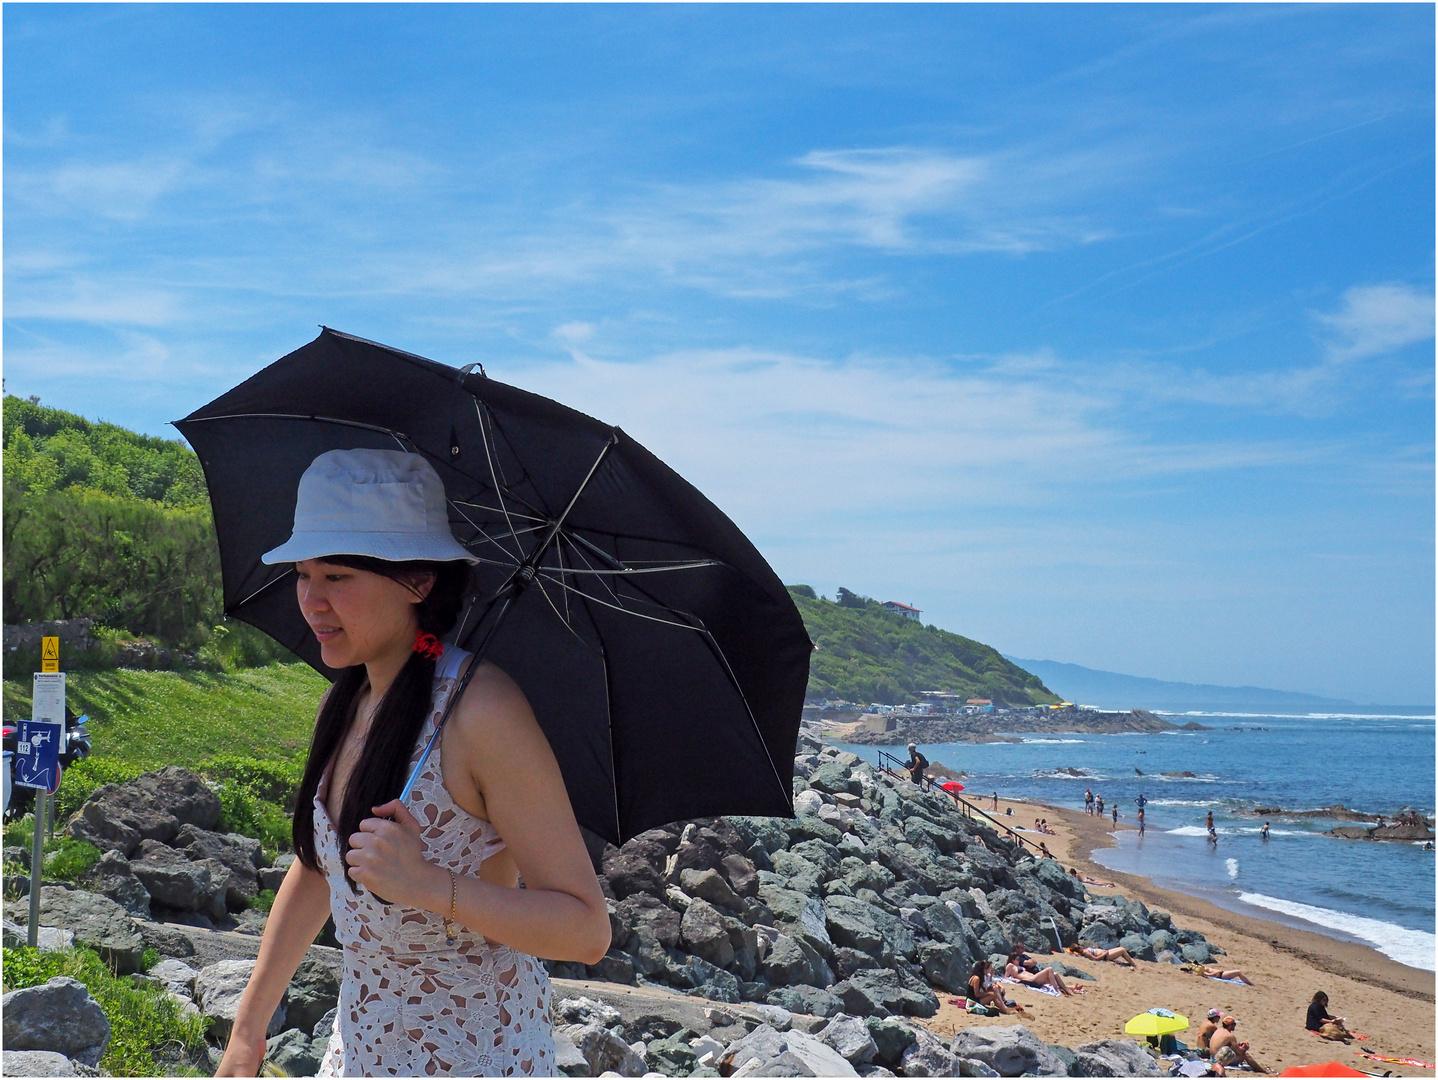 Une japonaise (et son ombrelle / parapluie) sur la côte basque.